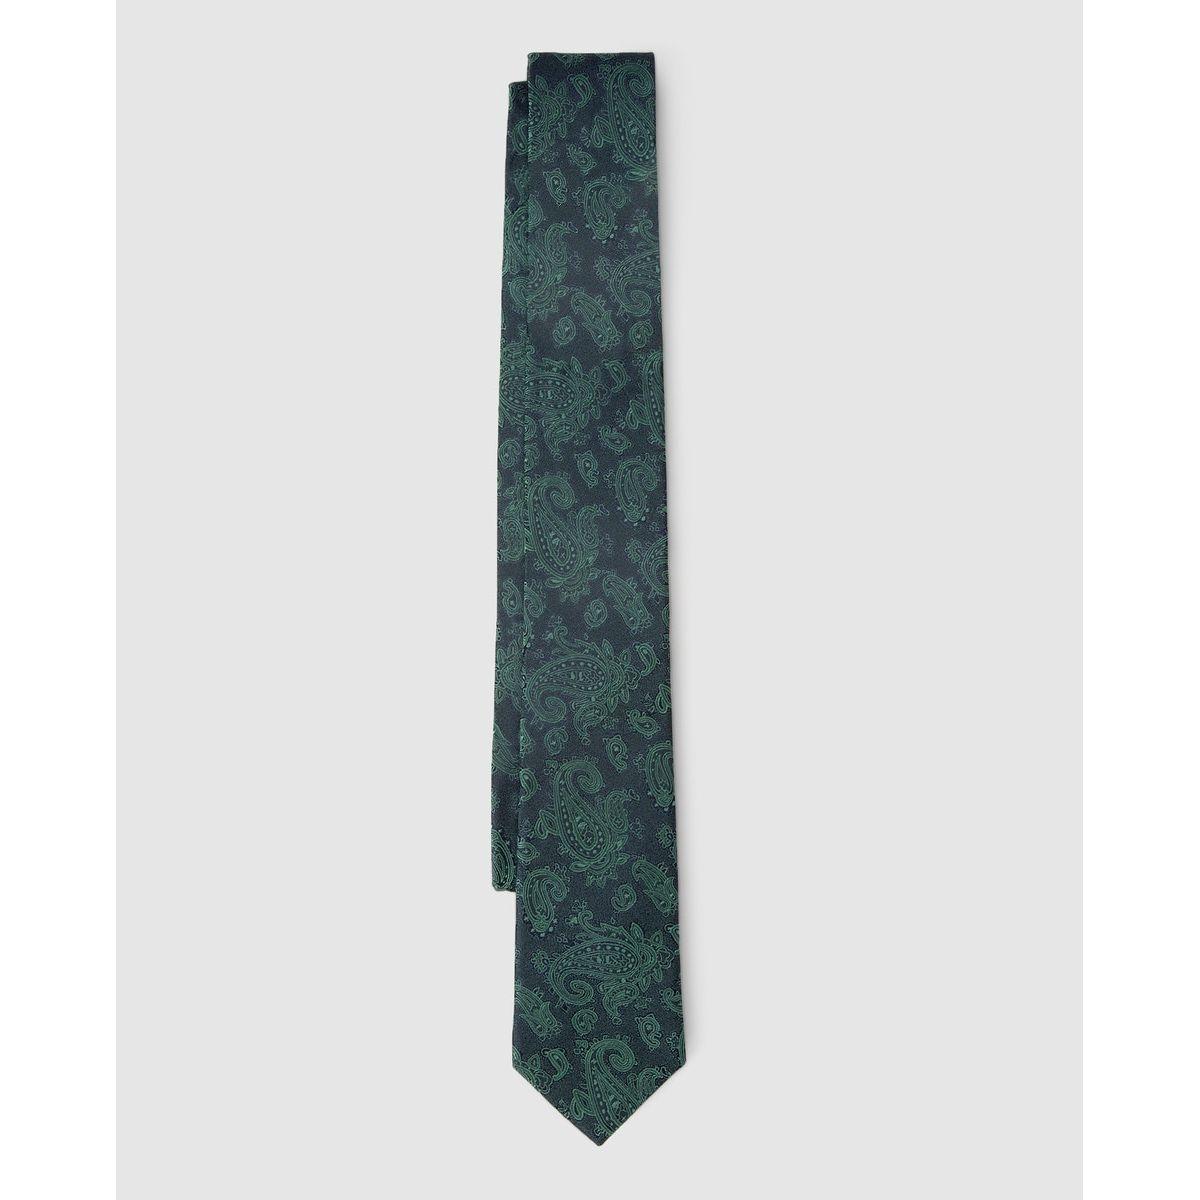 Cravate en soie imprimé cachemire